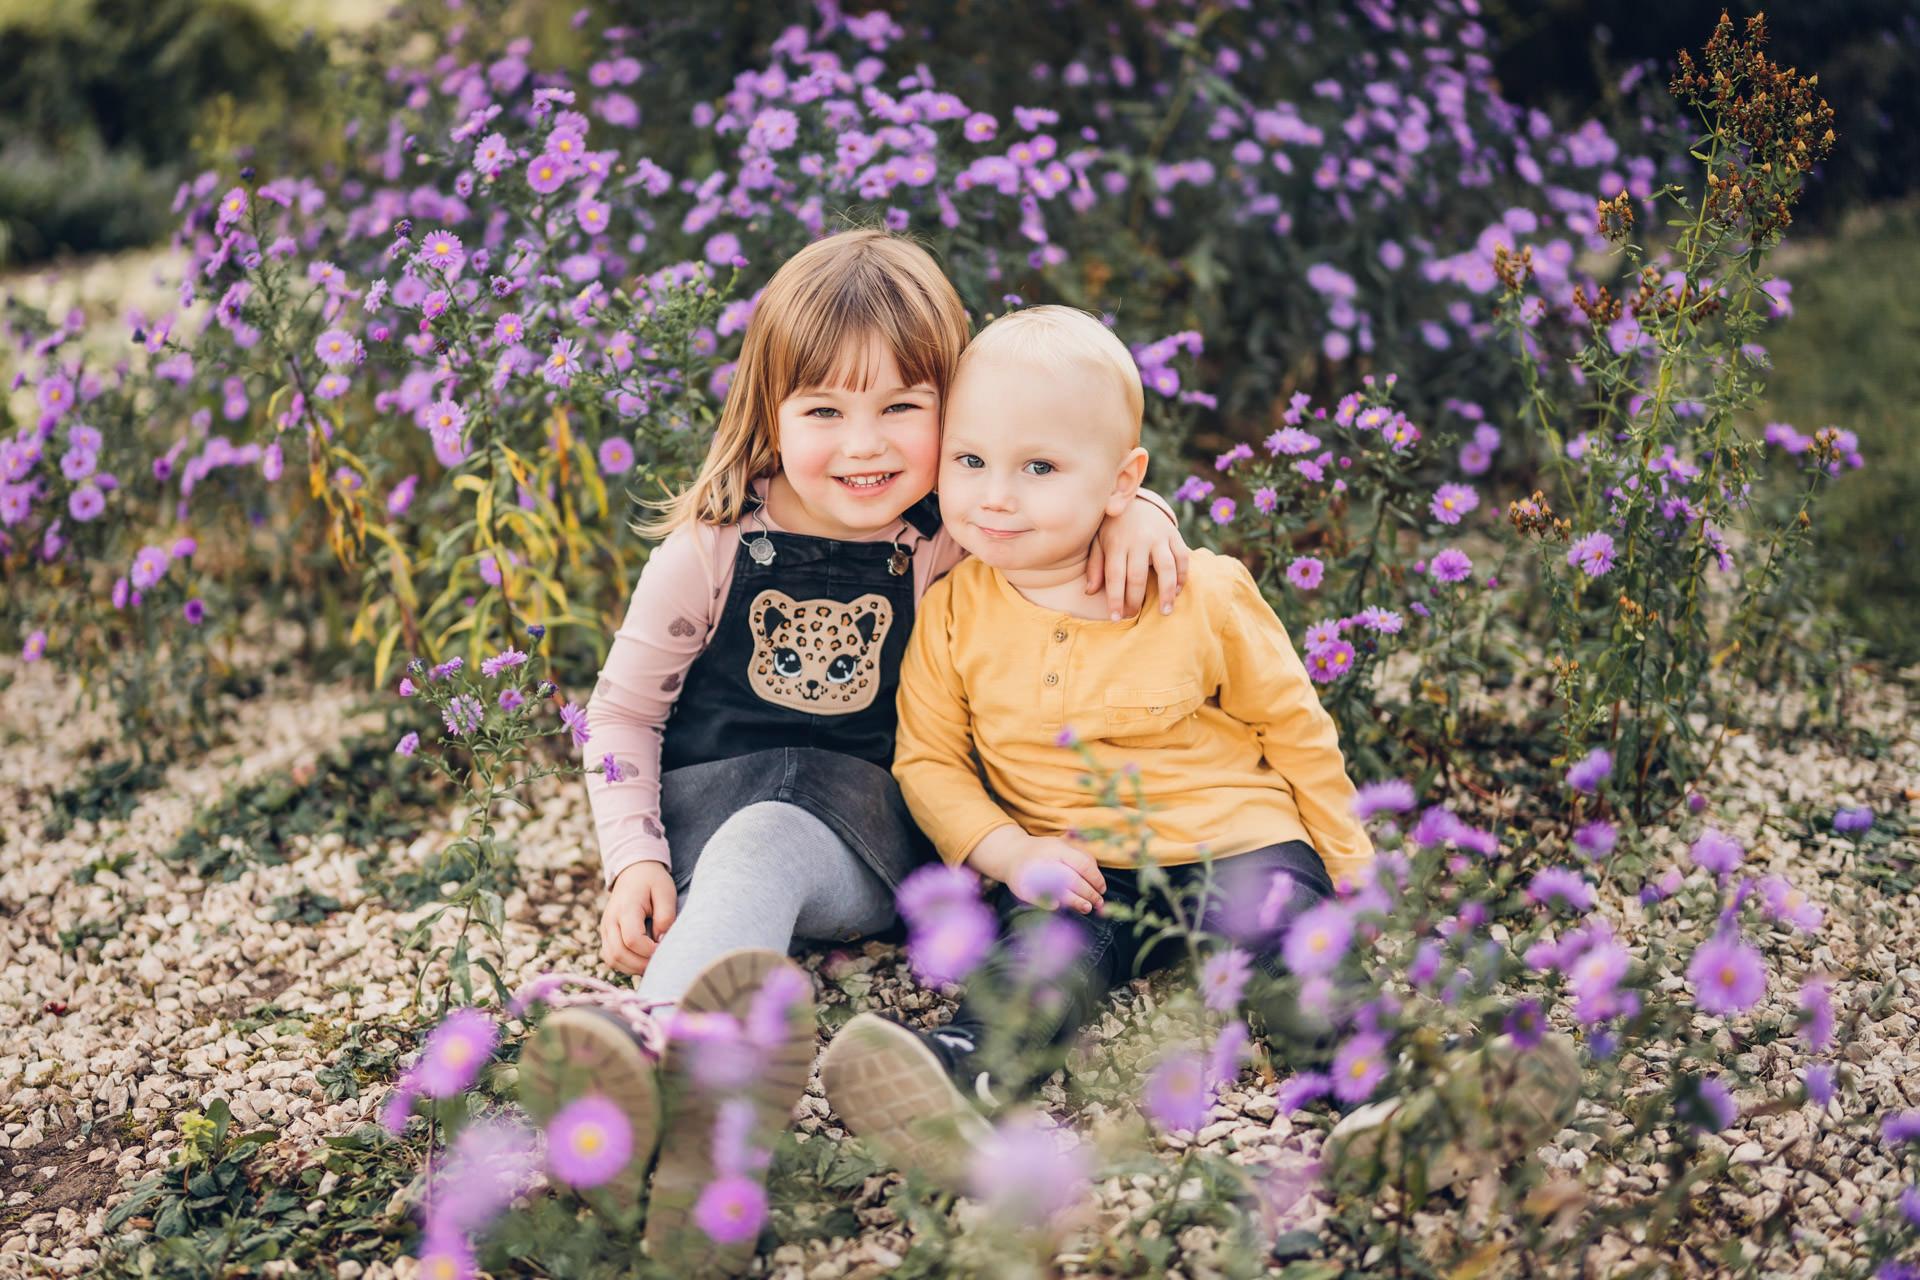 Geschwister im Rahmen eines Familienshooting in Pirmasens auf einer Blumenwiese im lila Blumenmeer